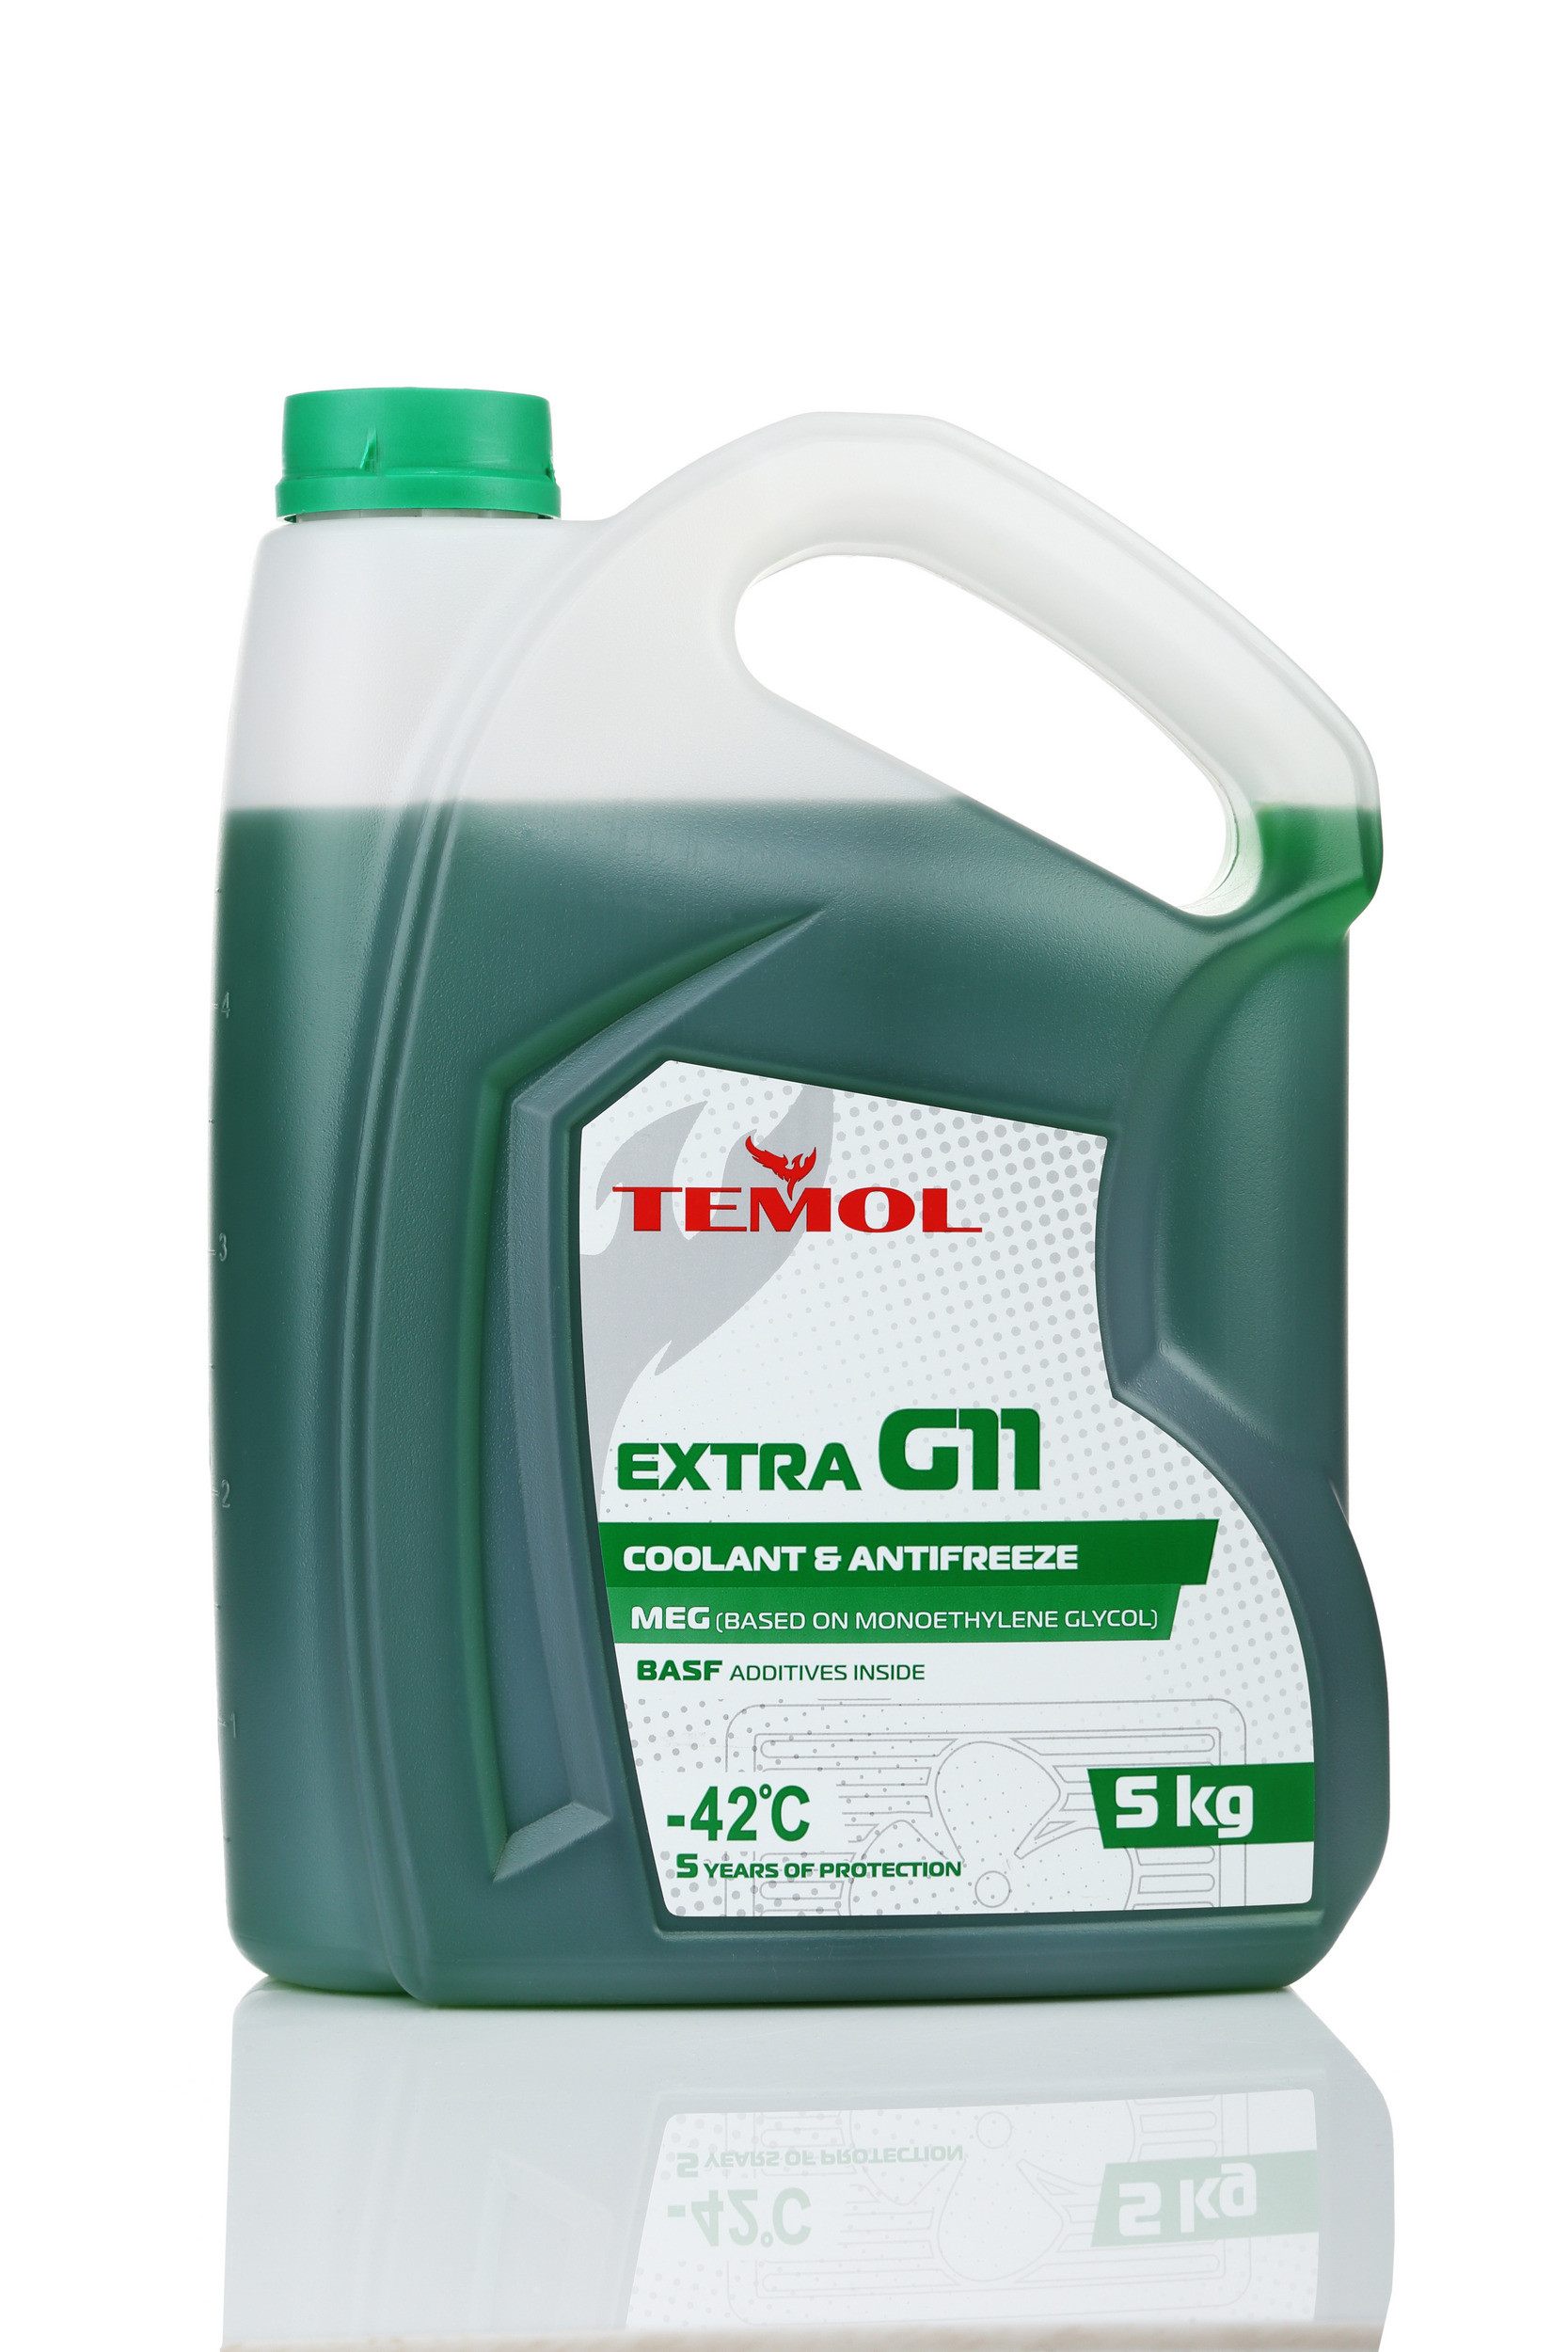 TEMOL ANTIFREEZE EXTRA G11 GREEN - 5L - Temol, официальный интернет-магазин